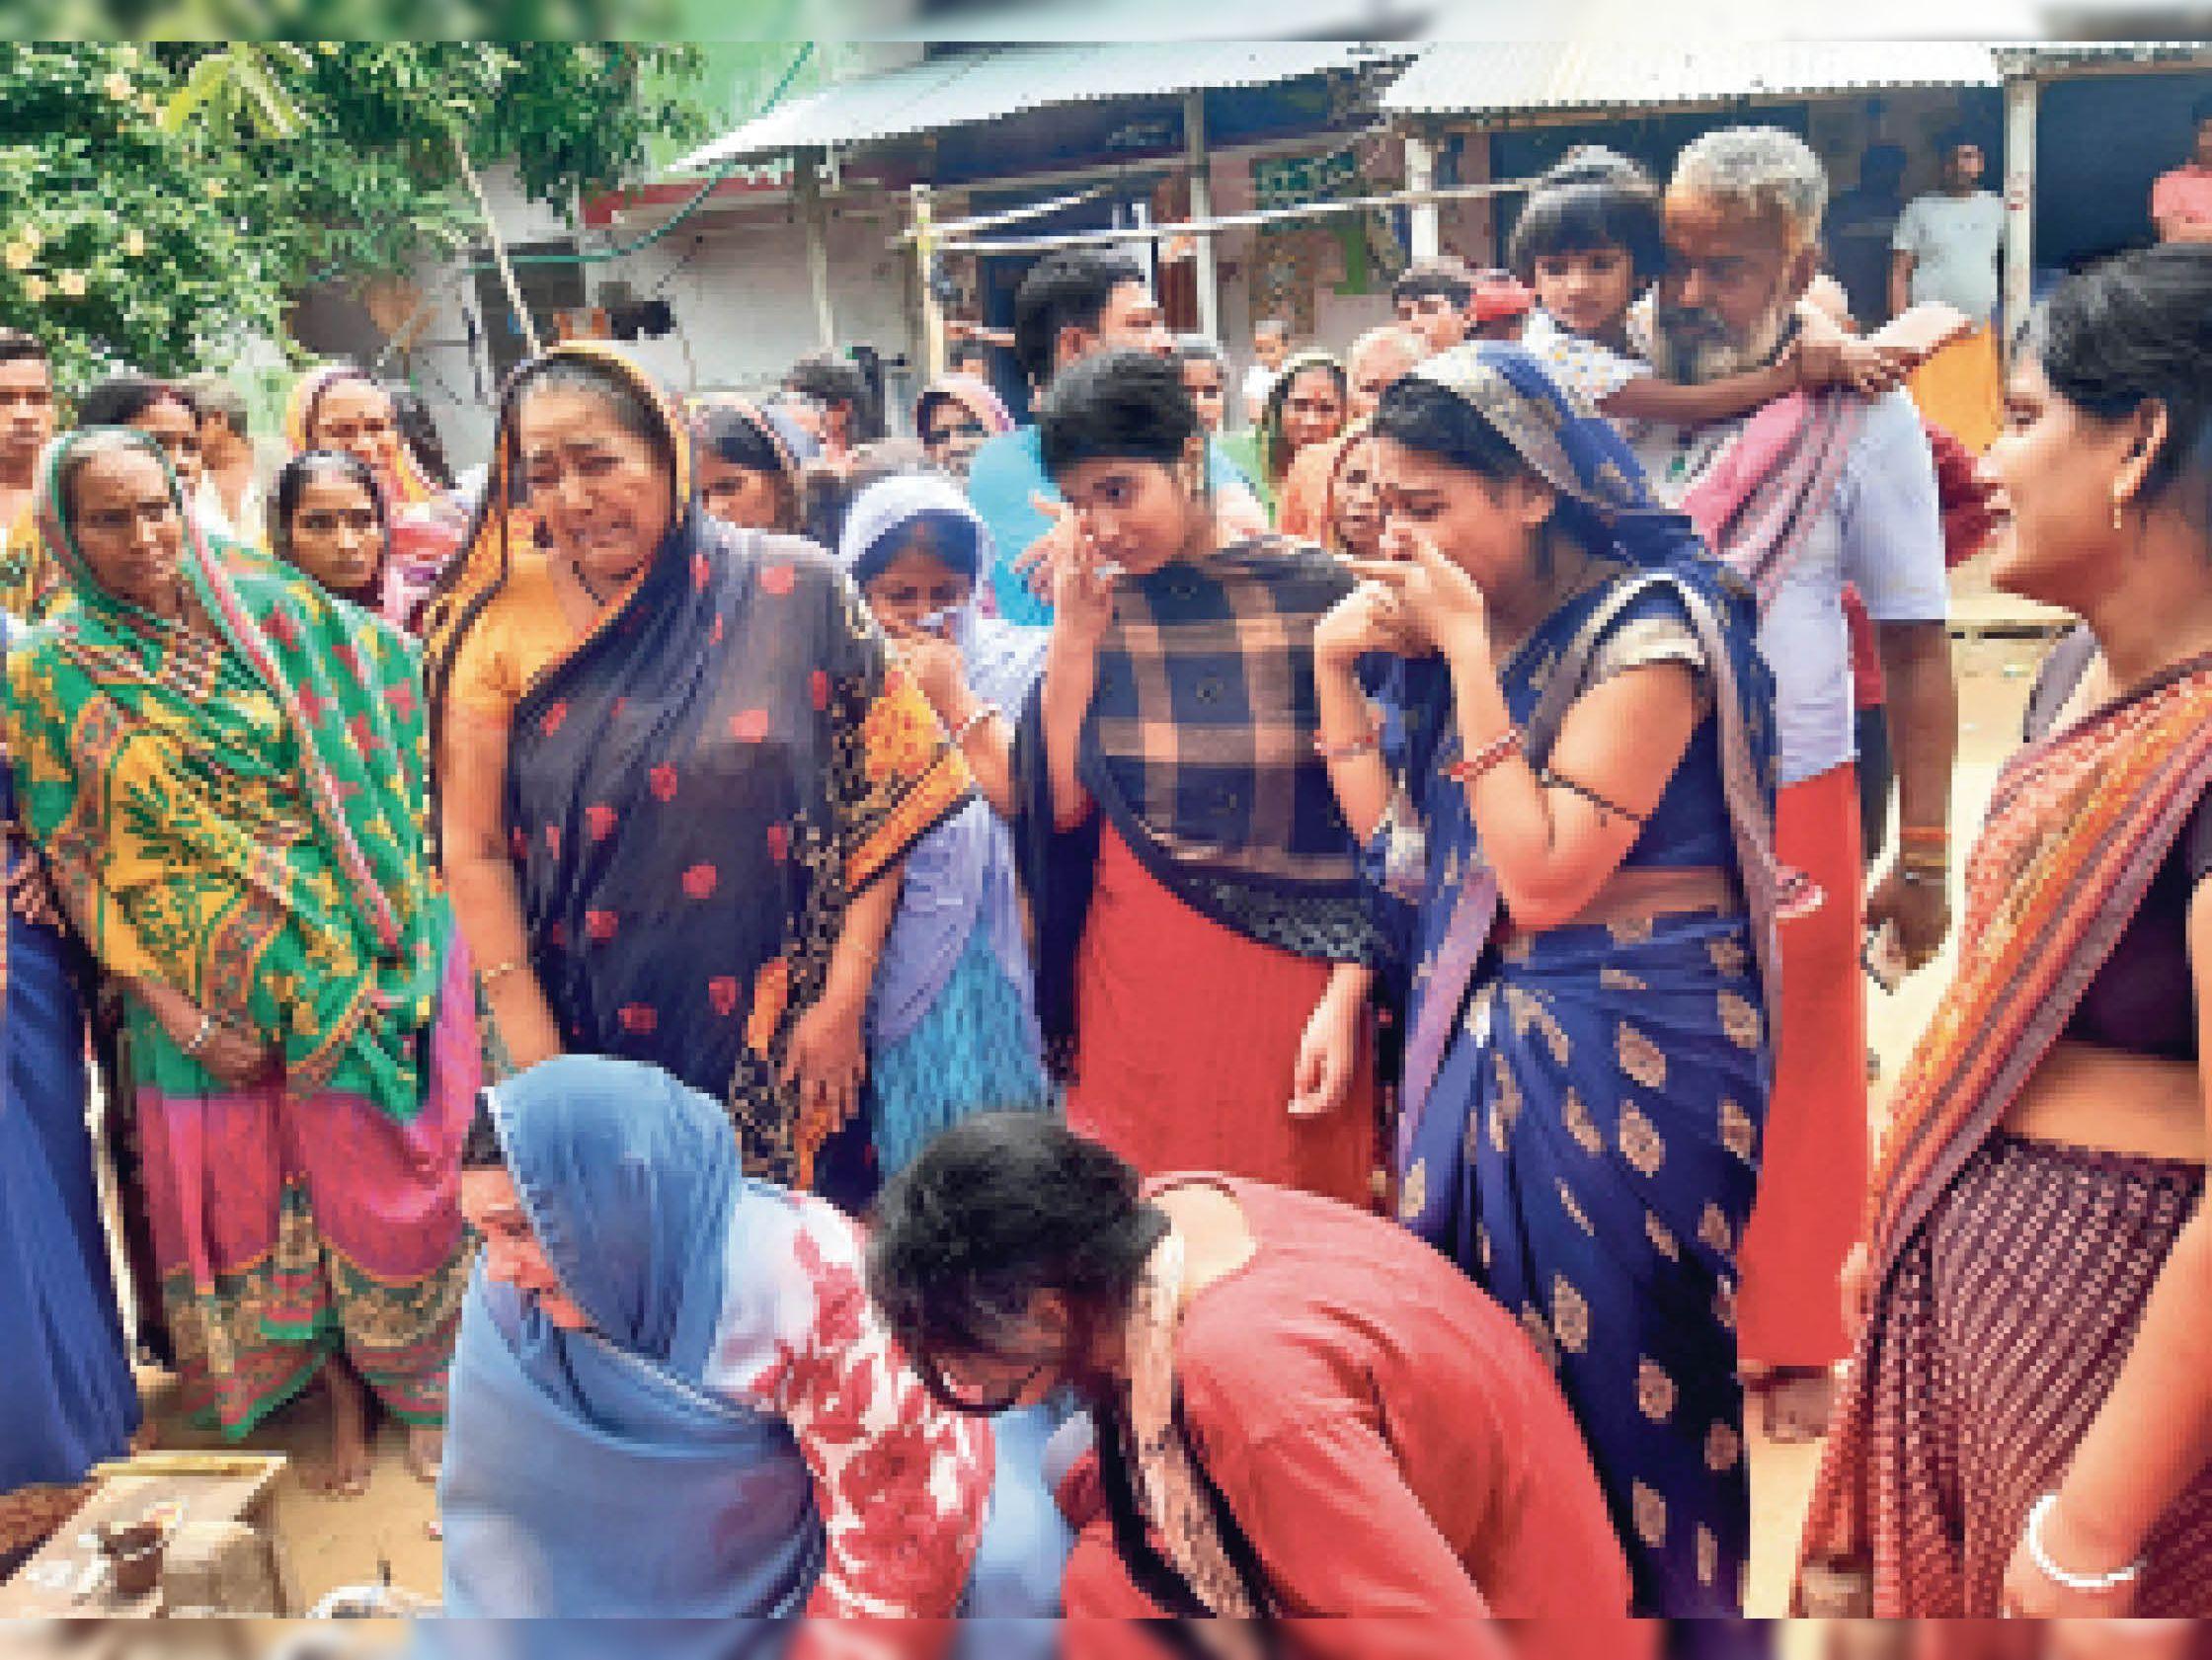 बुधवार को गांव में दोनों युवक का शव पहुंचने के बाद रोते-बिलखते शिवम के परिजन। - Dainik Bhaskar